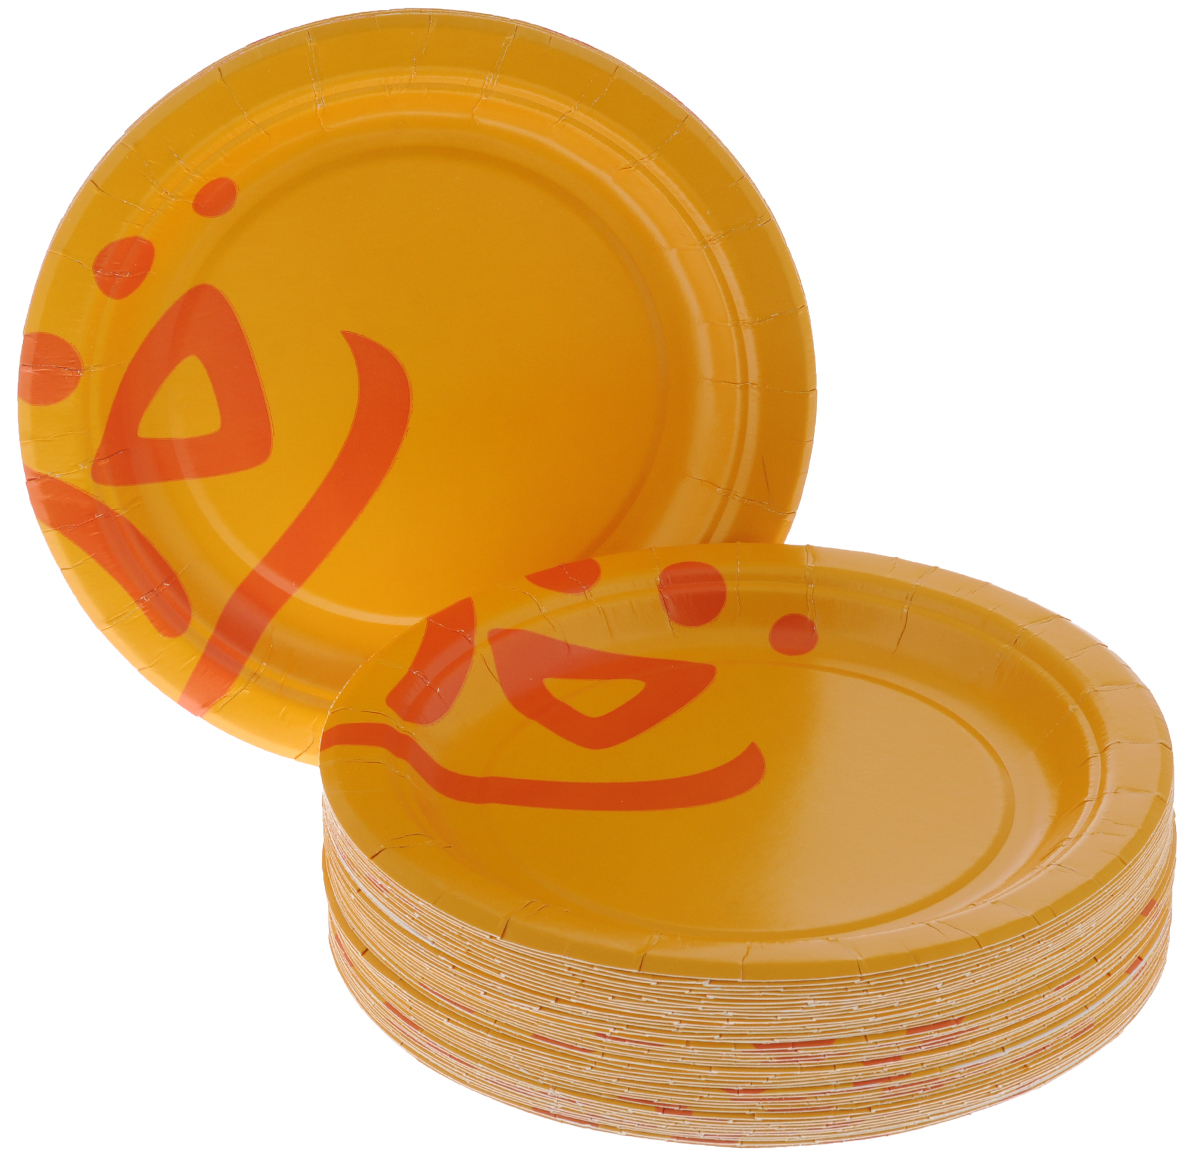 Набор одноразовых тарелок Huhtamaki Whizz, диаметр 18 см, 50 штСУ120Набор Huhtamaki Whizz состоит из 50 круглых тарелок, выполненных из плотной бумаги и предназначенных для одноразового использования. Изделия декорированы оригинальным узором. Одноразовые тарелки будут незаменимы при поездках на природу, пикниках и других мероприятиях. Они не займут много места, легки и самое главное - после использования их не надо мыть.Диаметр тарелки (по верхнему краю): 18 см.Высота тарелки: 1,5 см.